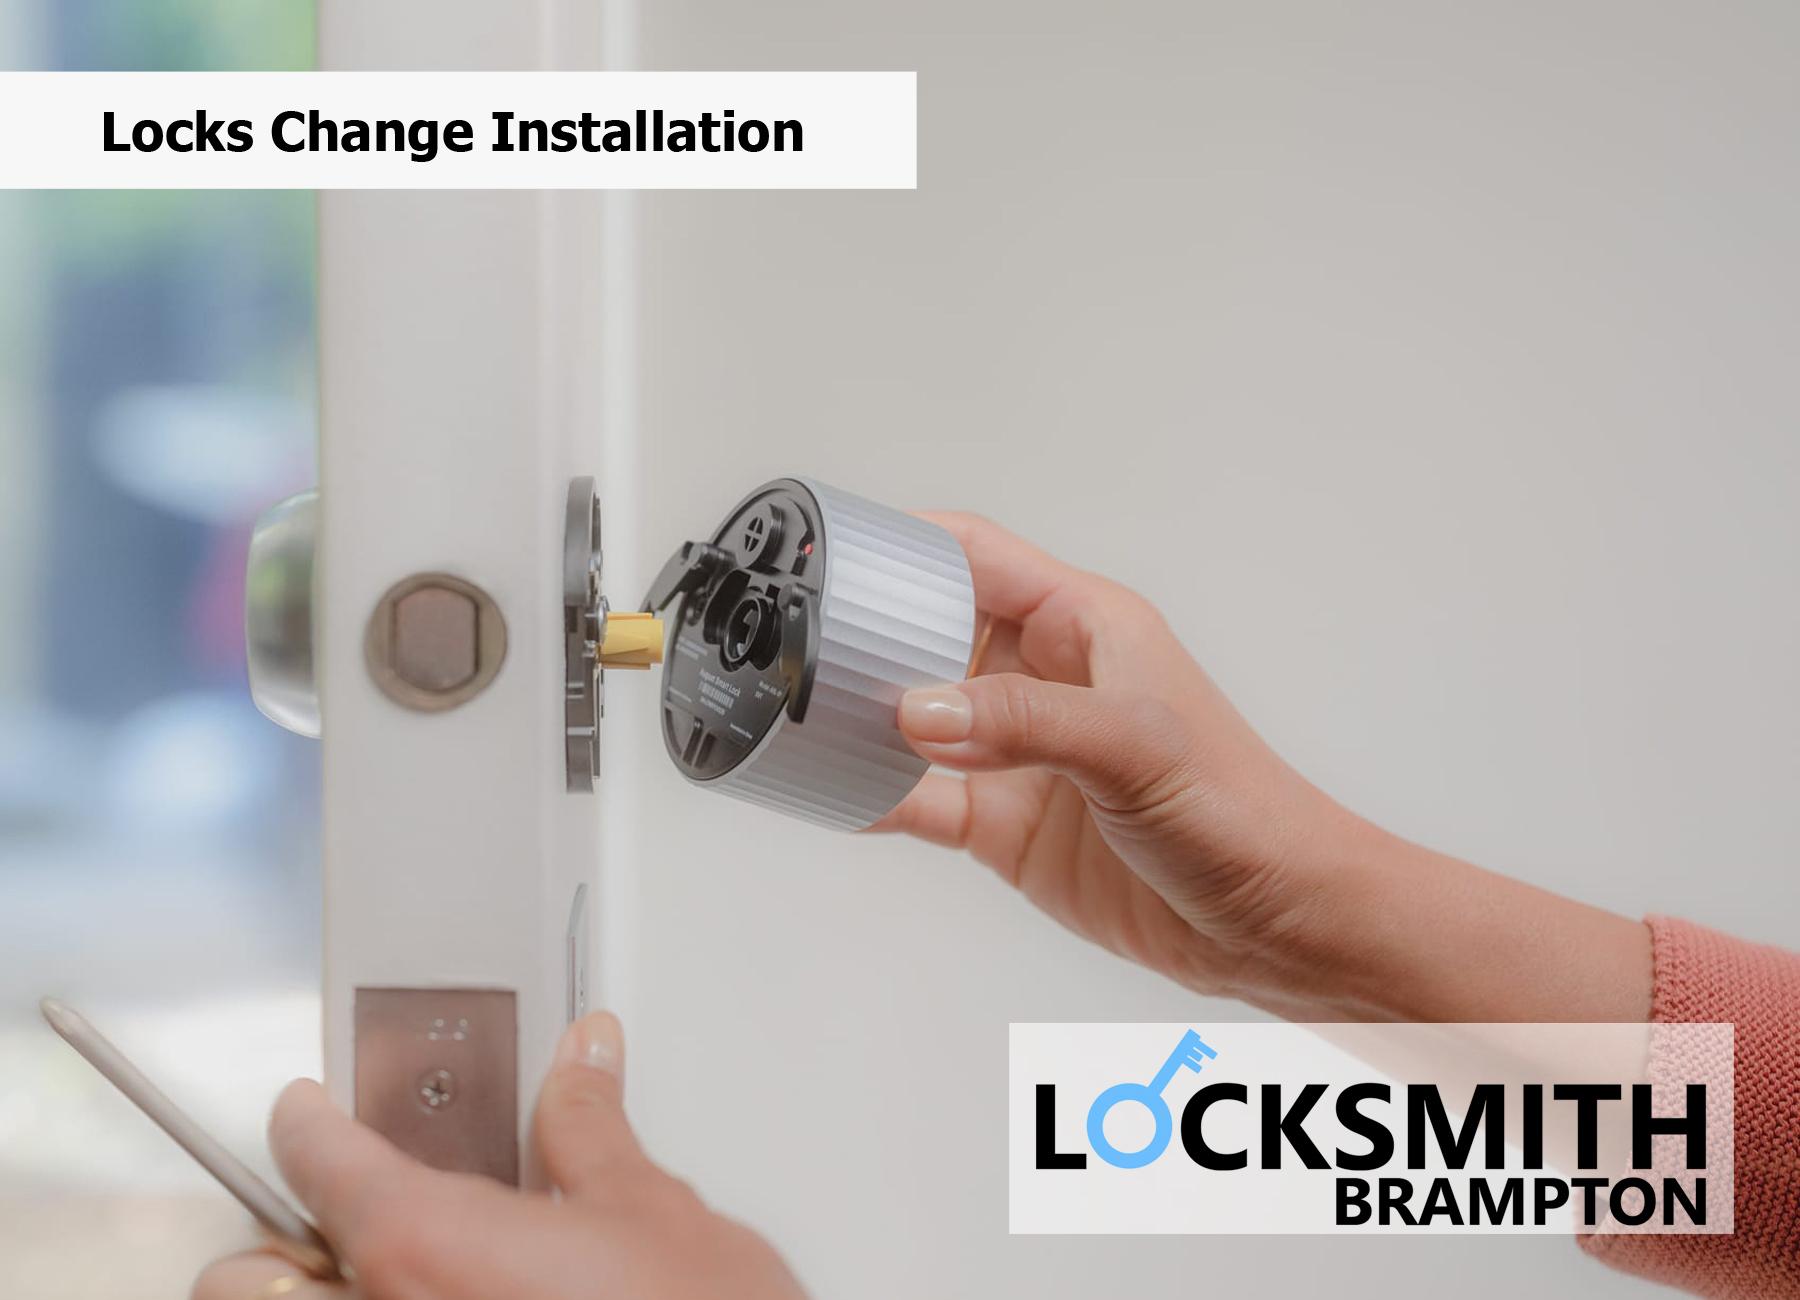 Locks Change Installation